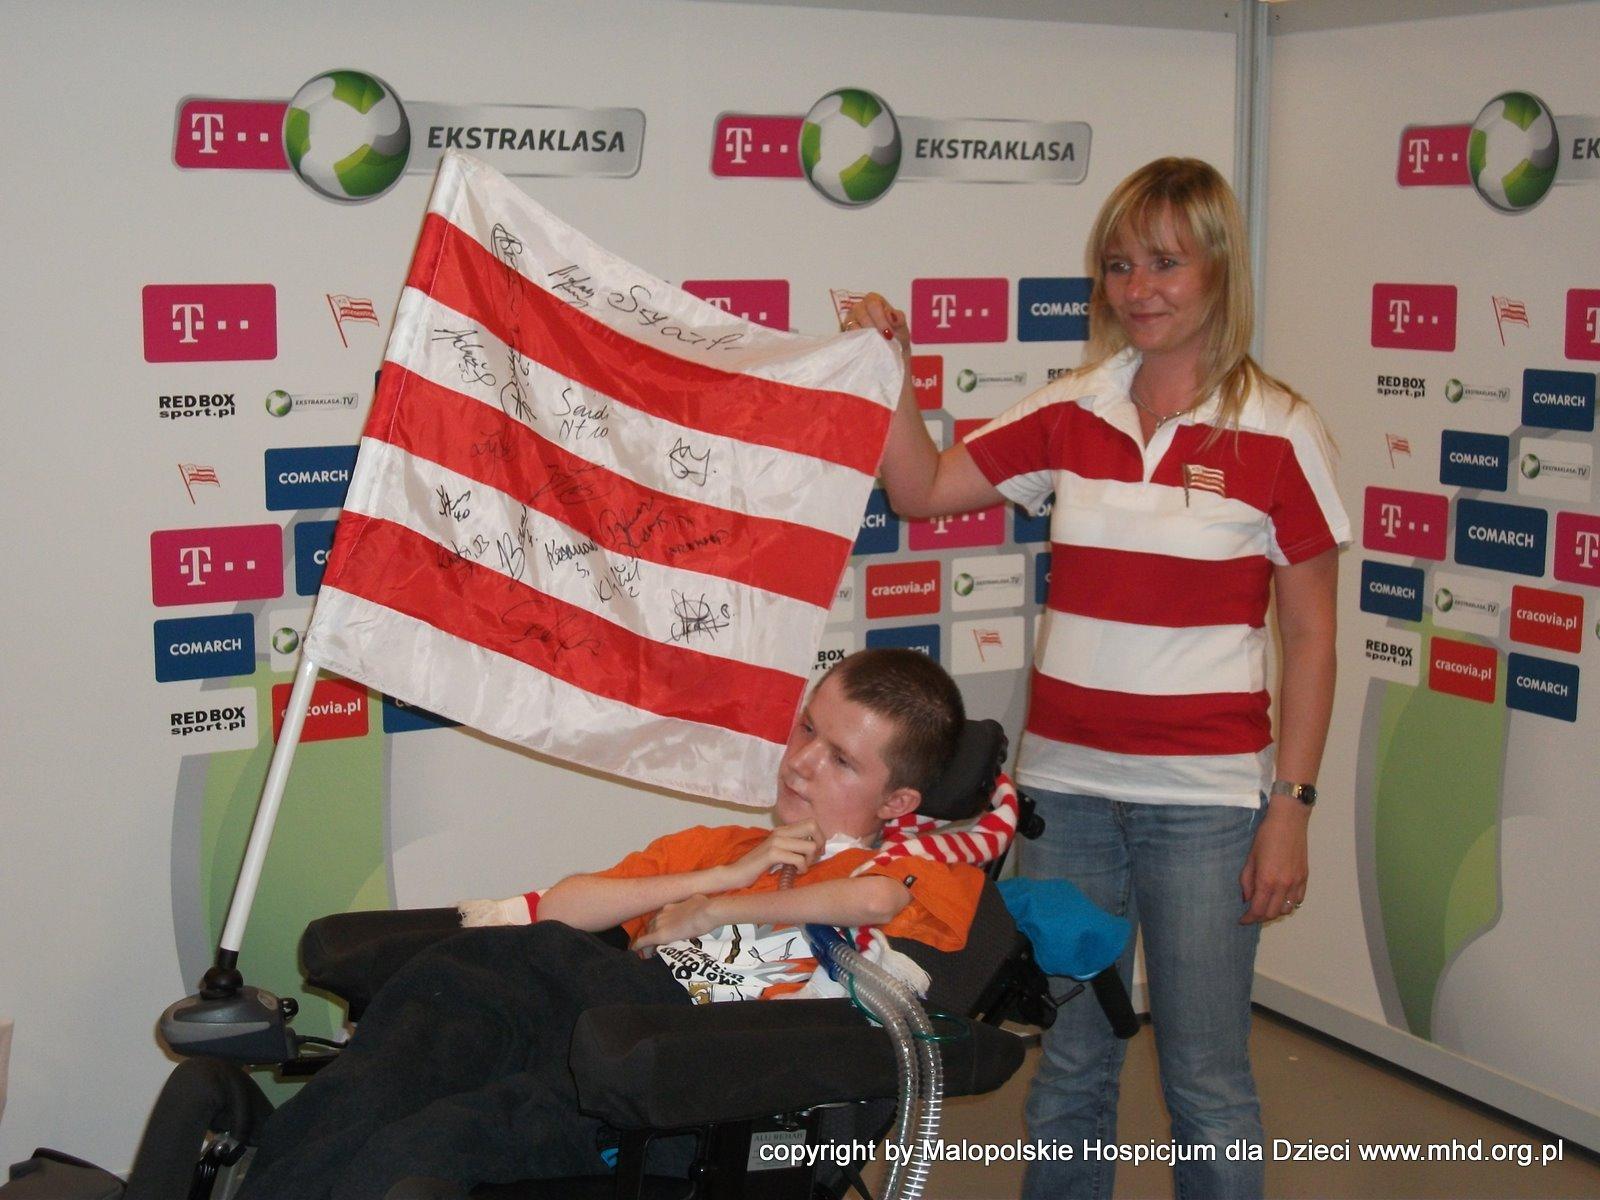 Mietek był gościem specjalnym meczu Cracovii, na jej krakowskim stadionie. Mimo, że ukochana drużyna przegrała z Legią 3;1 atmosfera meczu pozostanie niezapomniana!